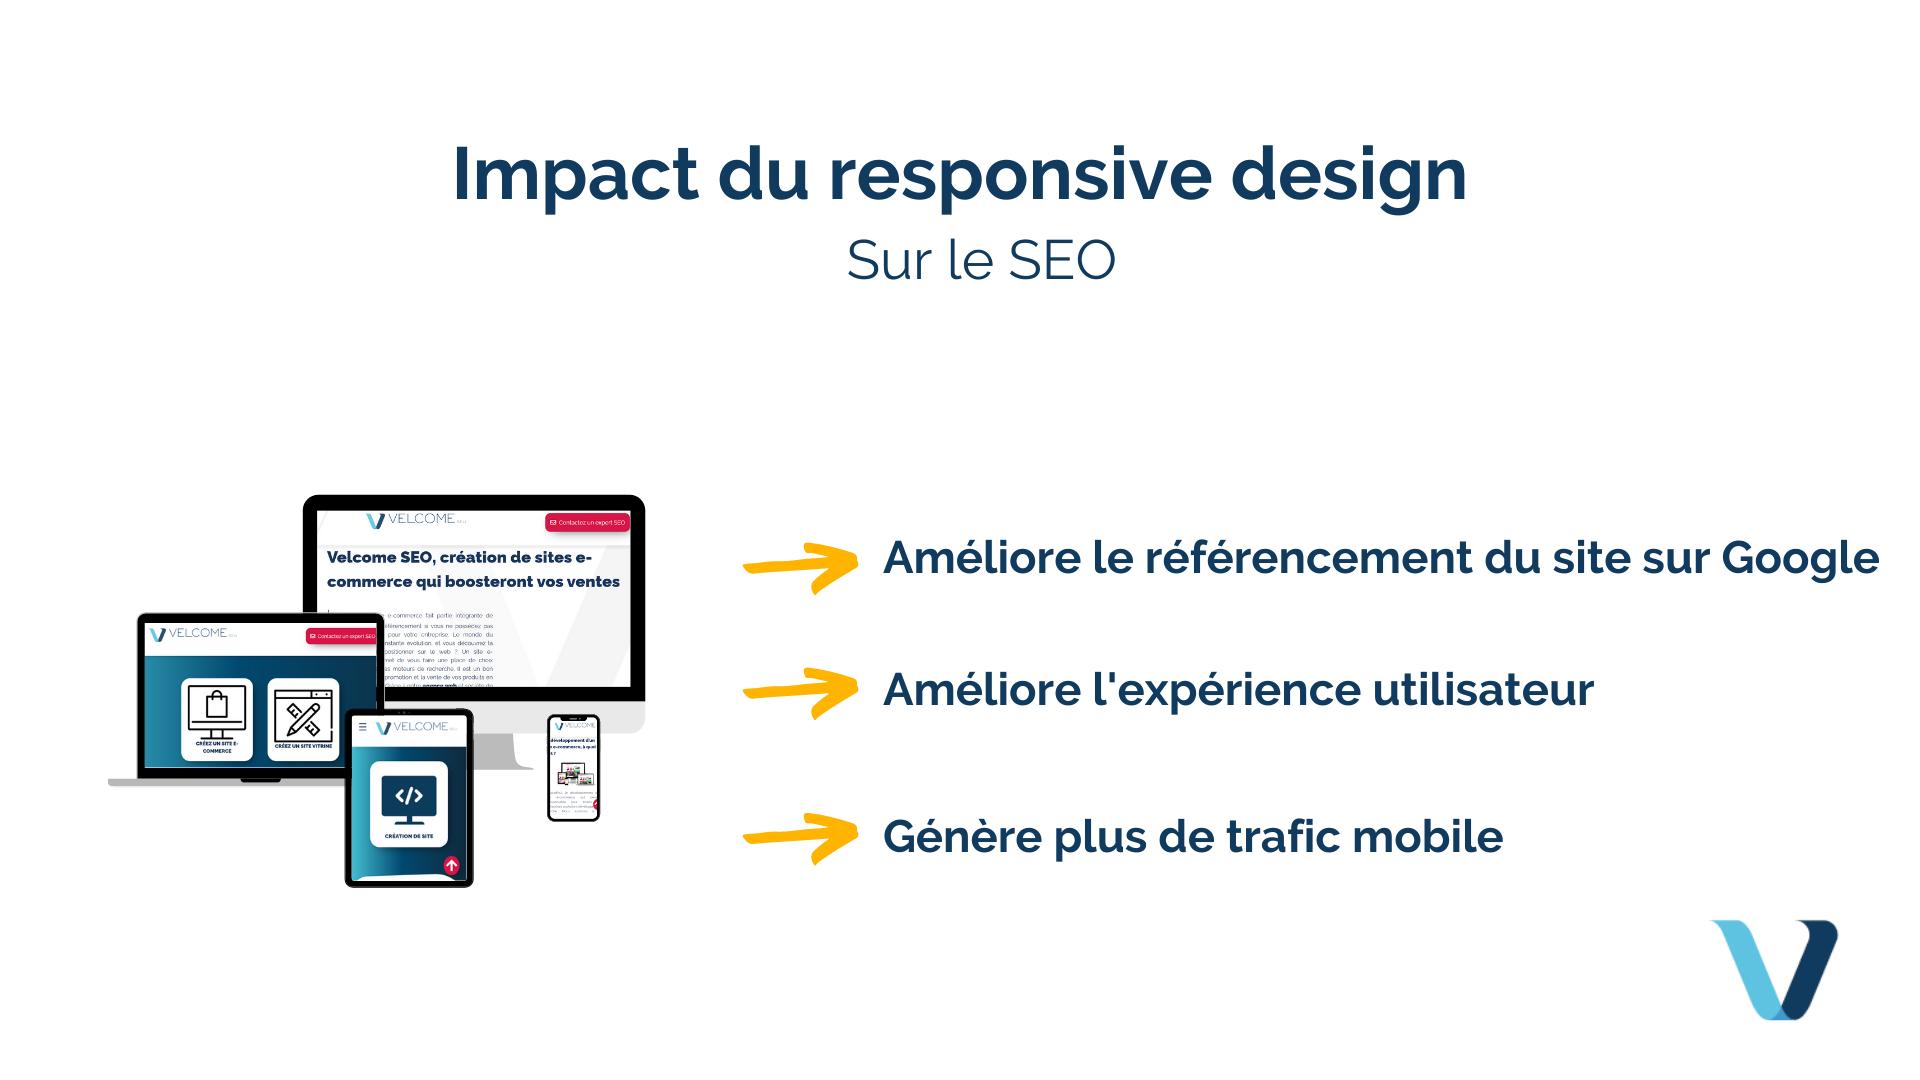 Quel est l'impact du responsive design sur le SEO ?